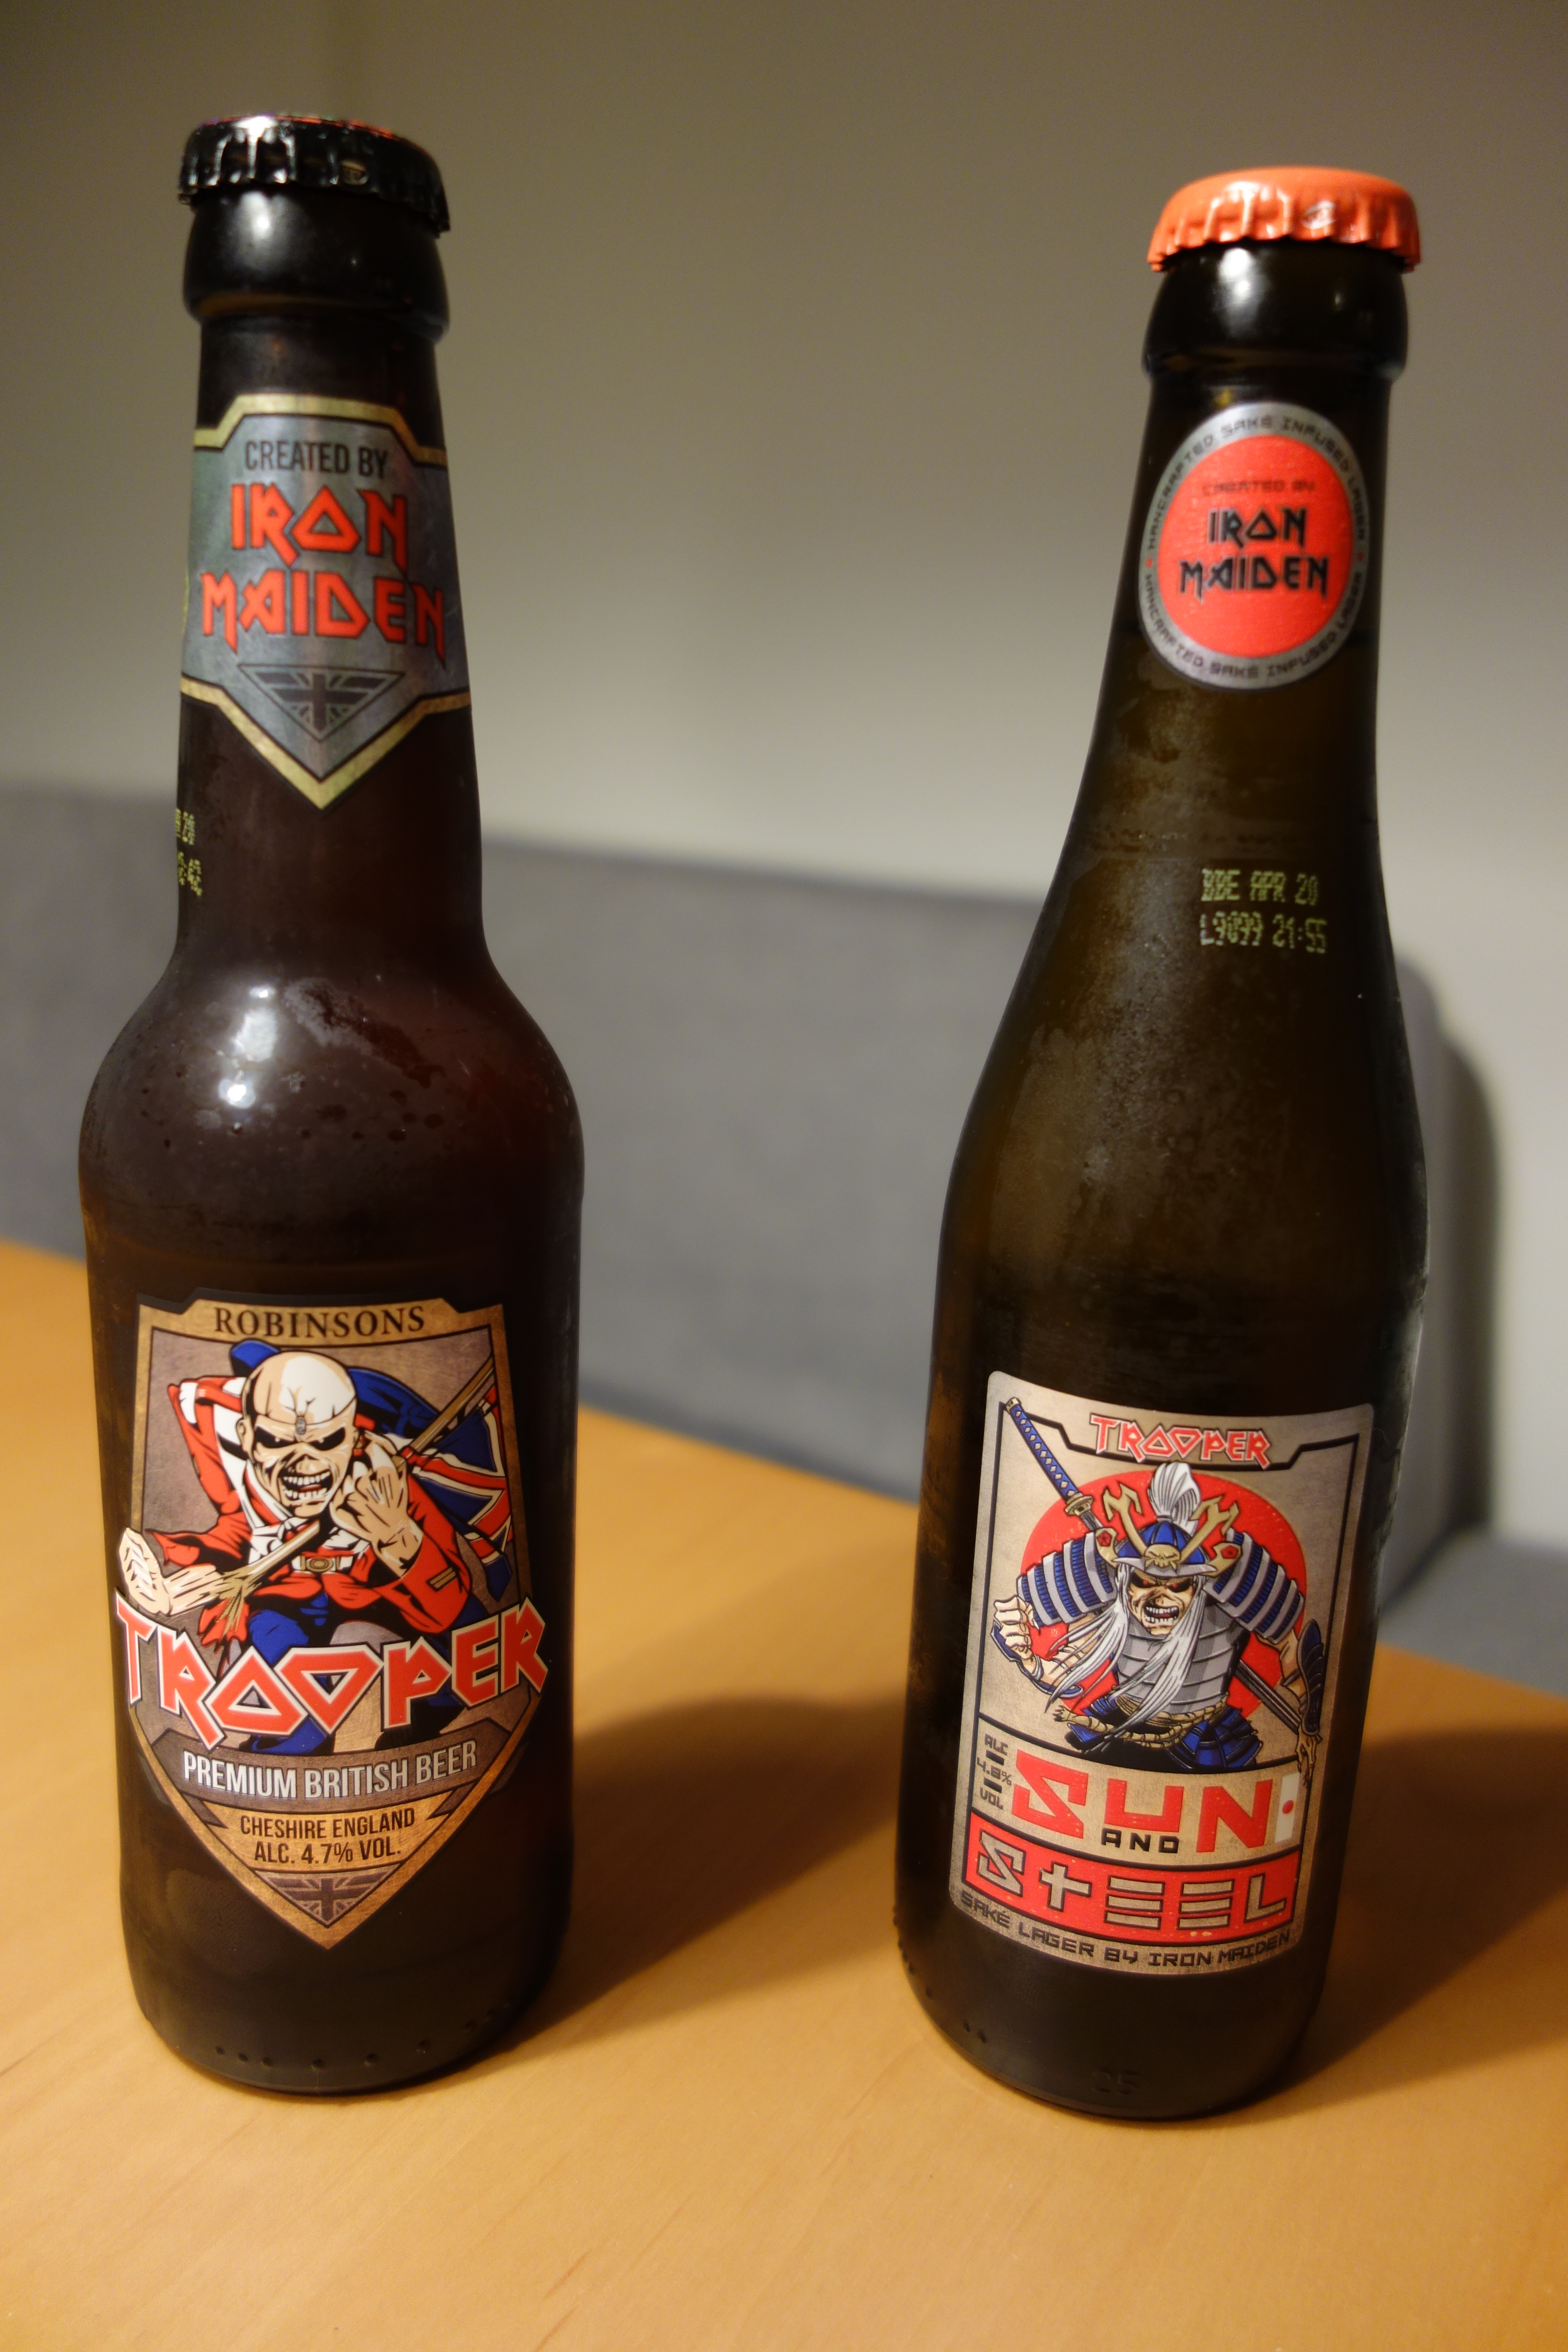 アイアン・メイデン公式ビール1